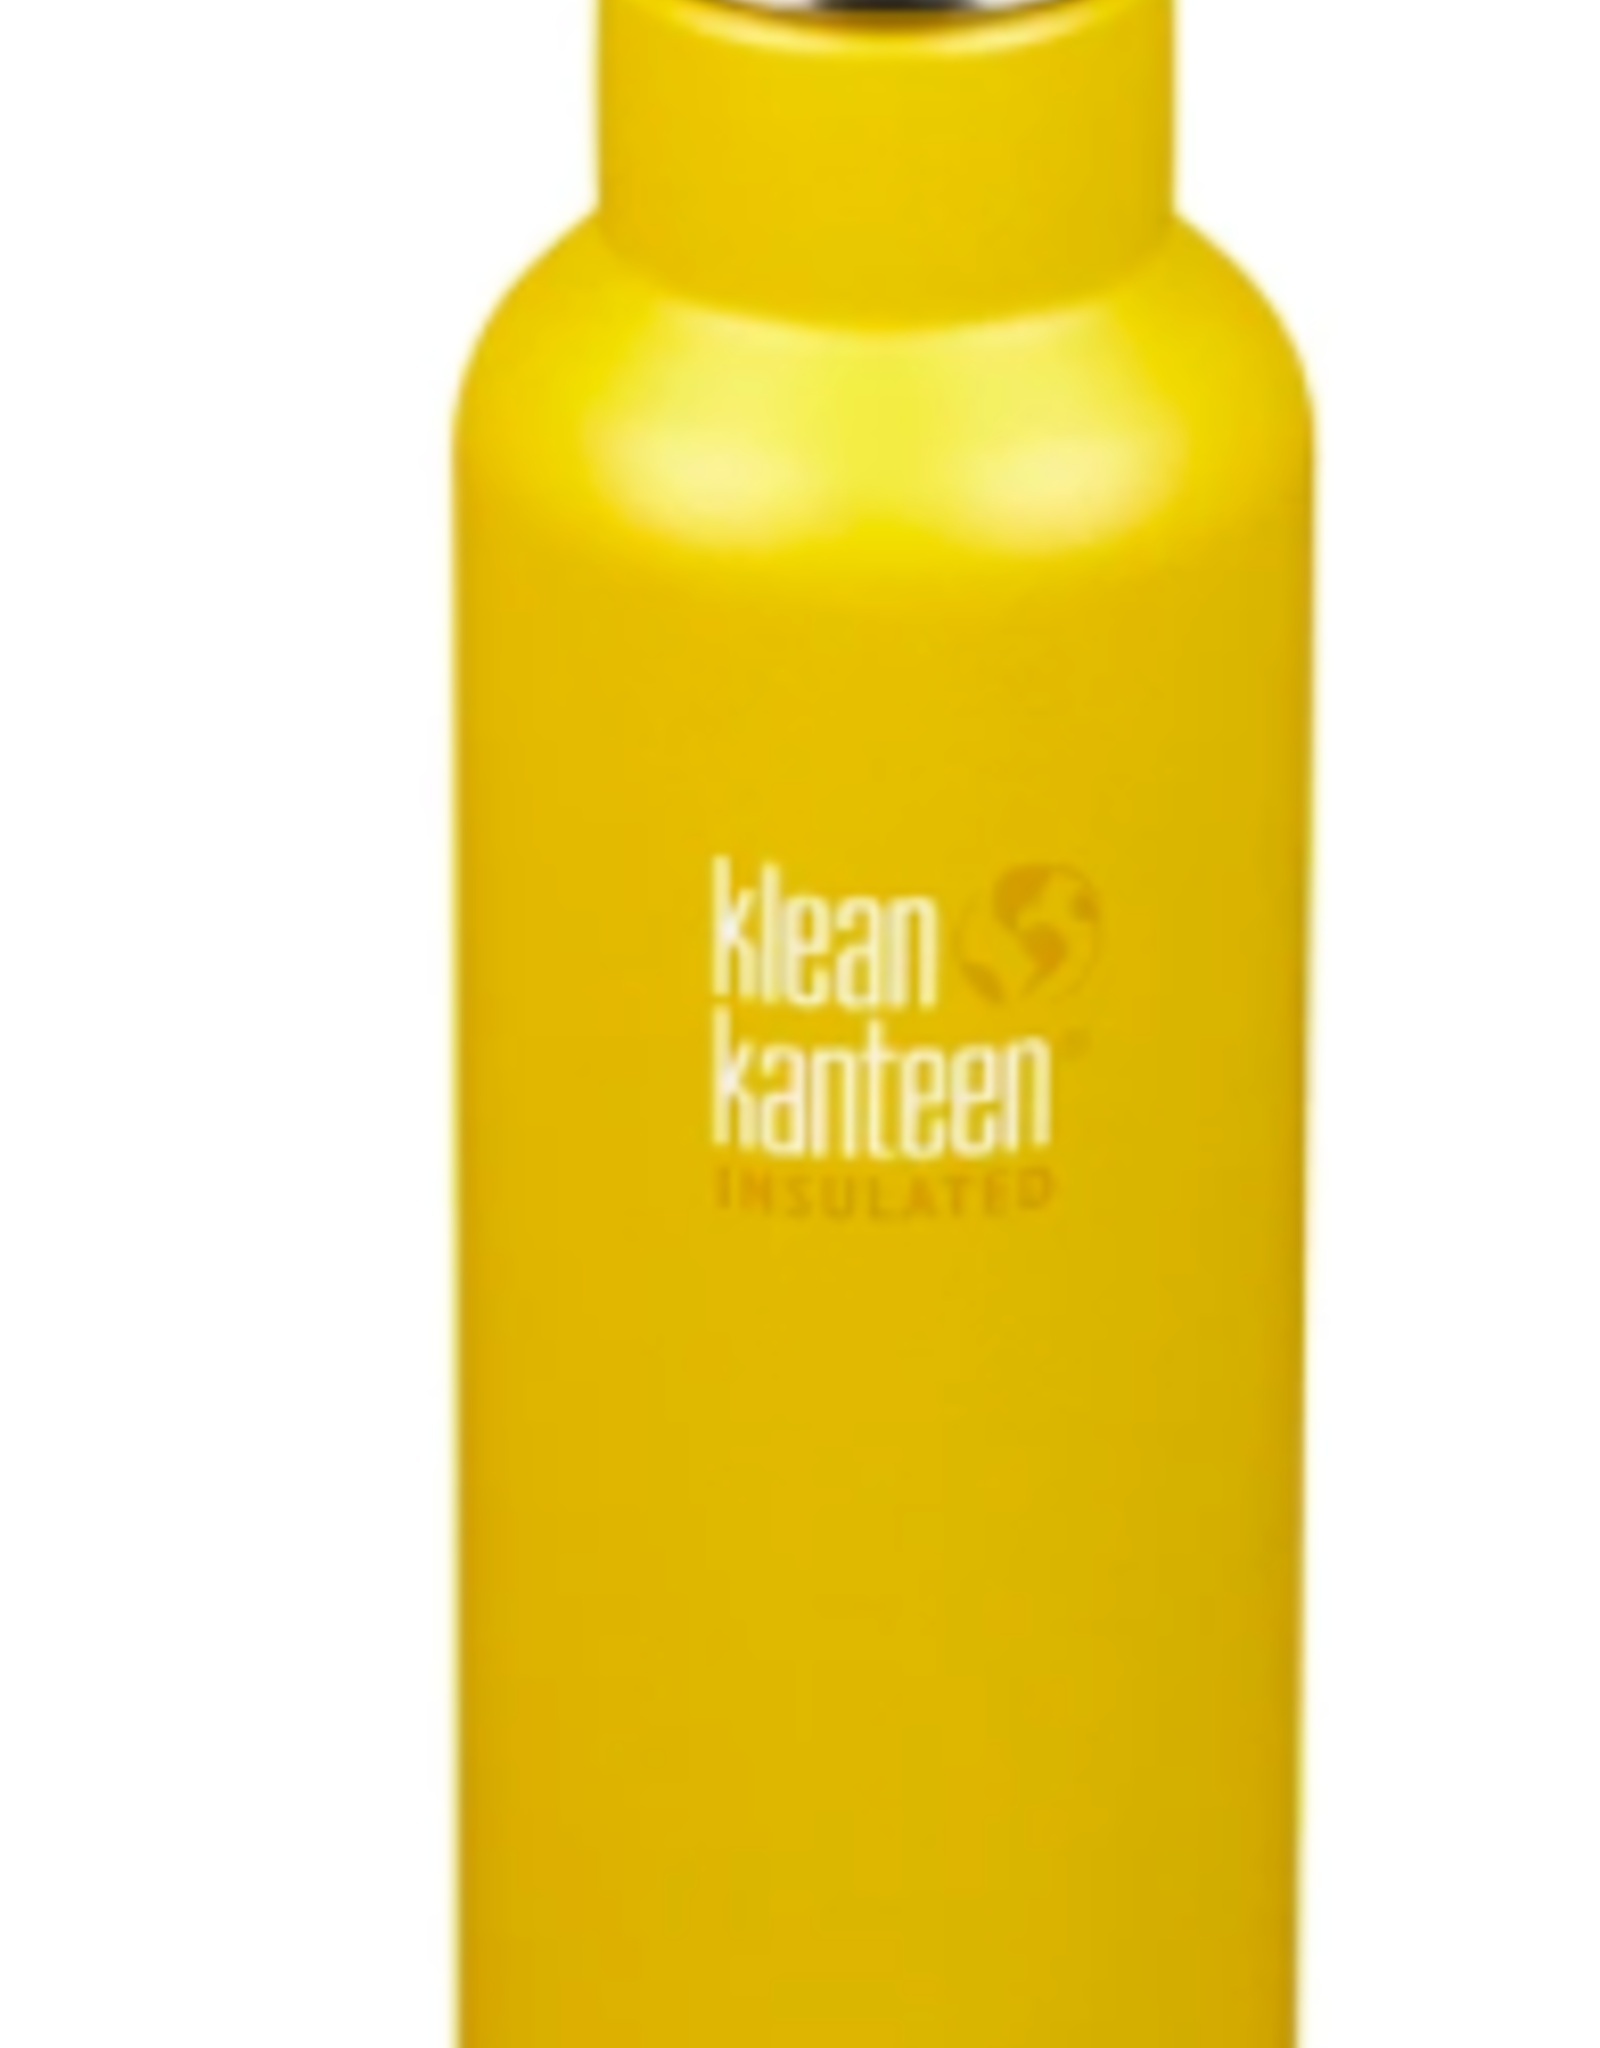 Klean Kanteen 20 oz. Insulated Bottle